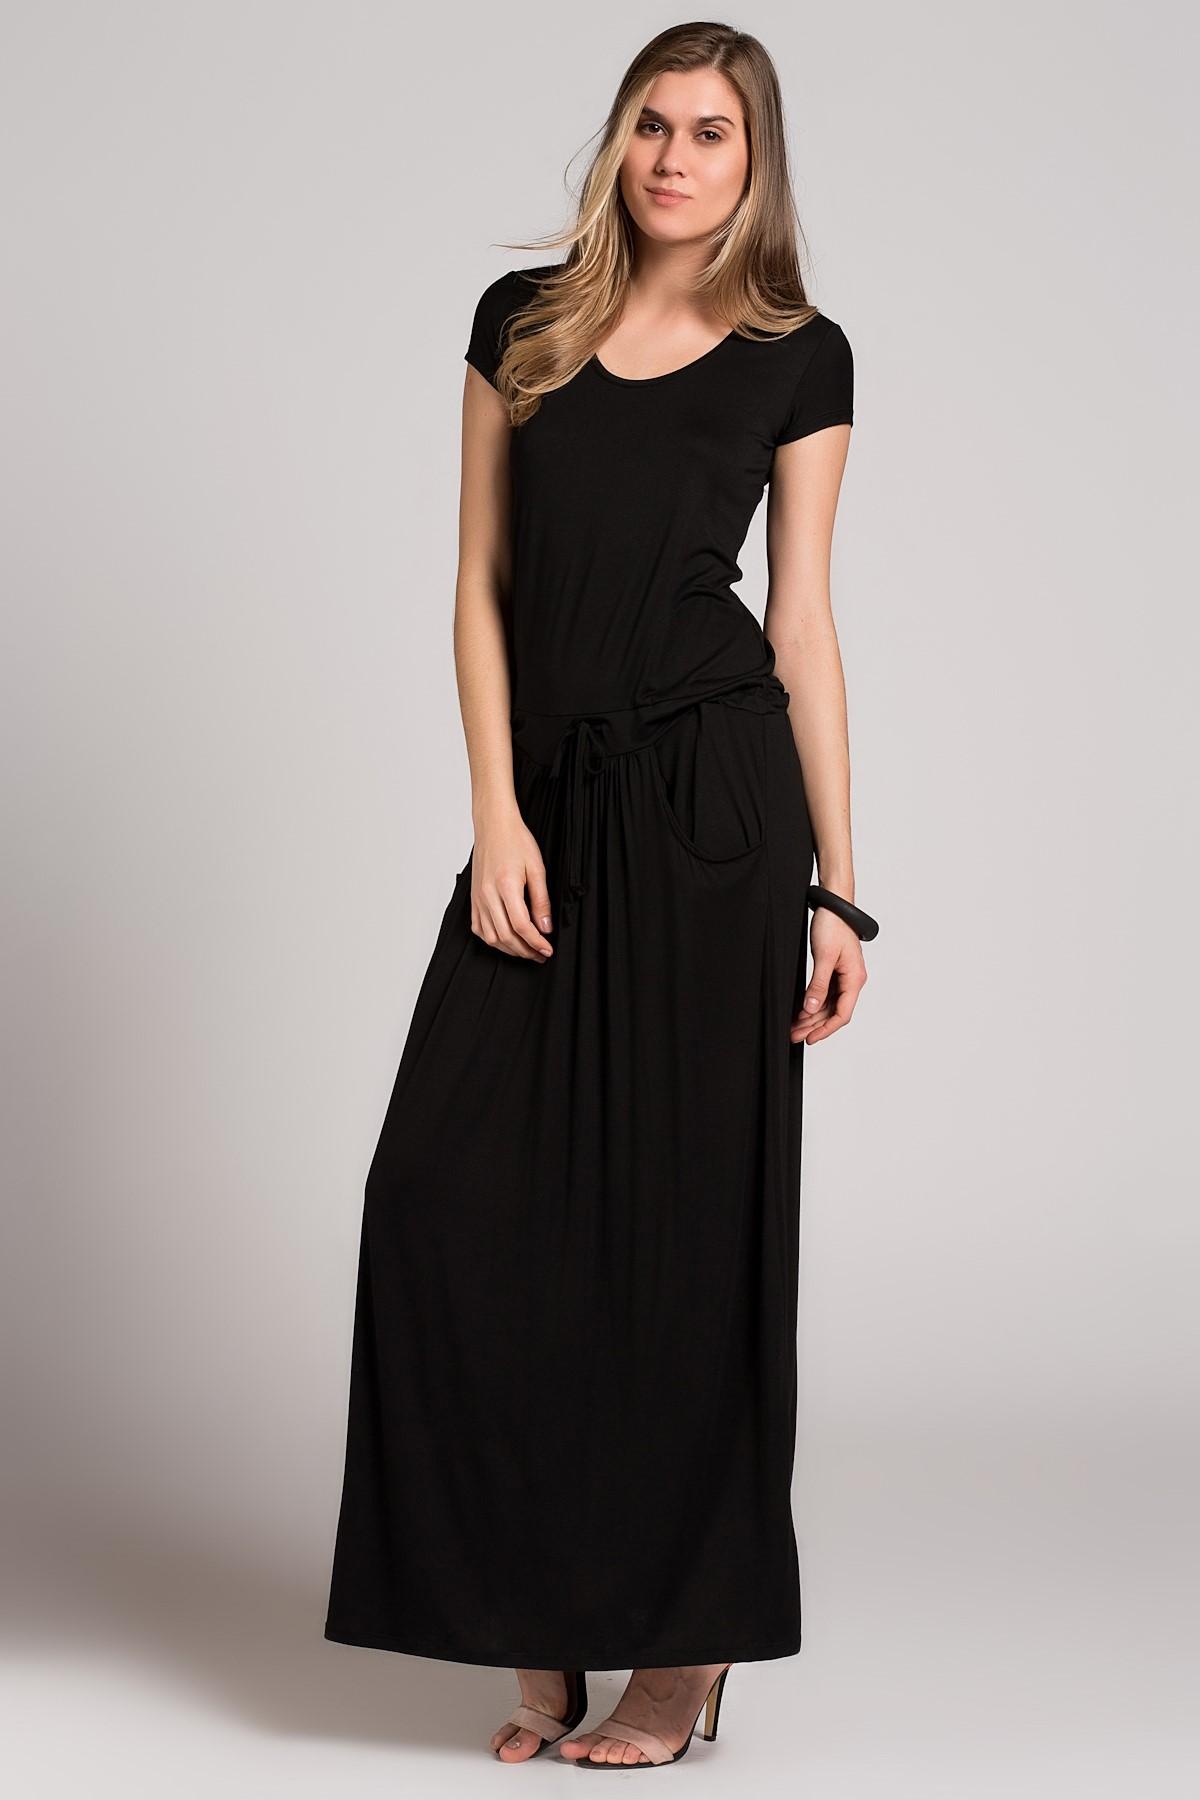 Sade Uzun 2015 Siyah Elbise Modelleri